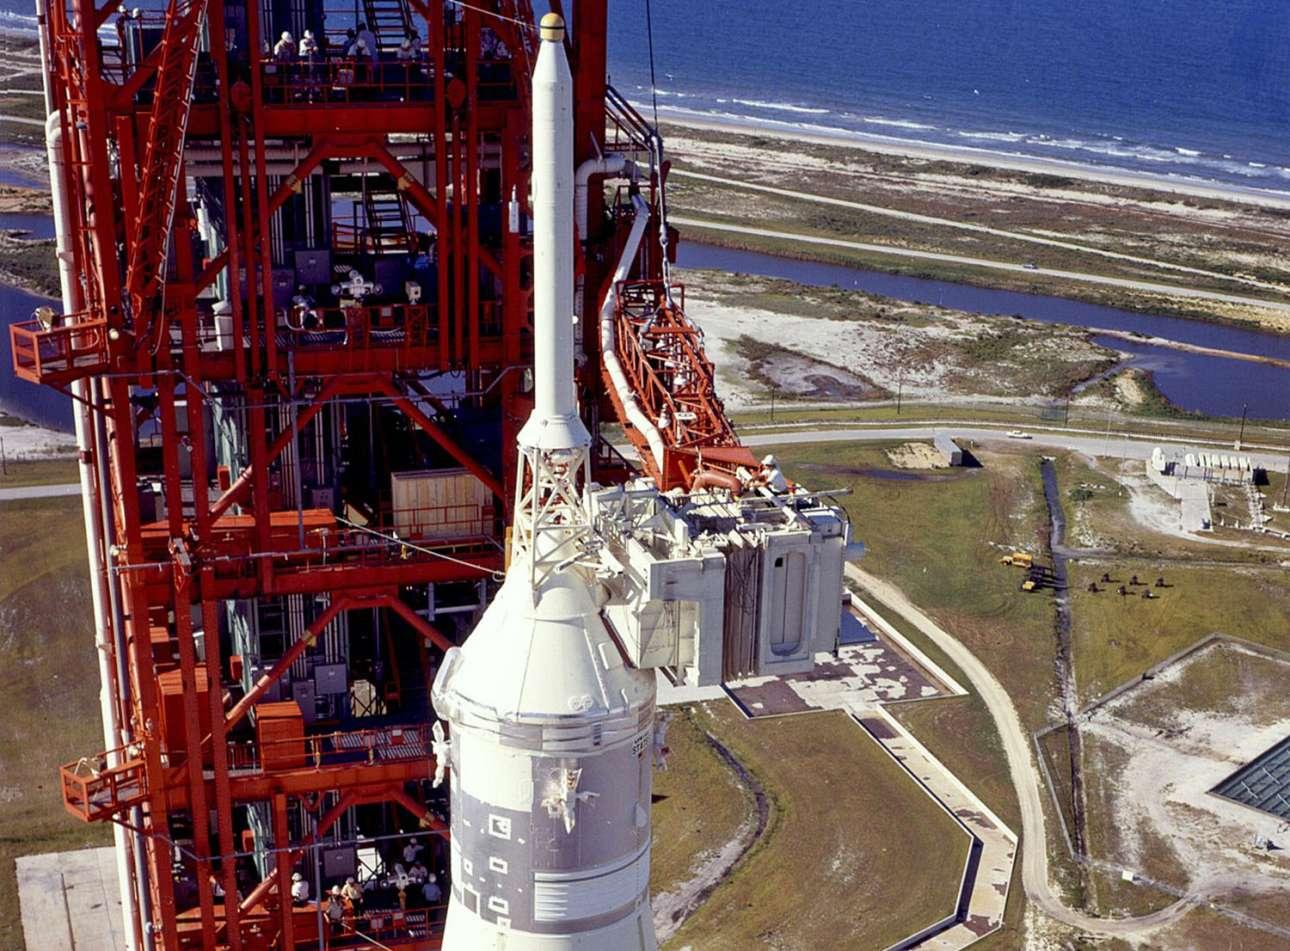 Ο πυραύλος ύψους 111 μέτρων Saturn V ετοιμάζεται για την εκτόξευση. Στην εικόνα διακρίνεται ένας τεχνικός να εργάζεται πάνω από την αίθουσα-φυσούνα από όπου θα εισέλθουν οι τρεις αστροναύτες